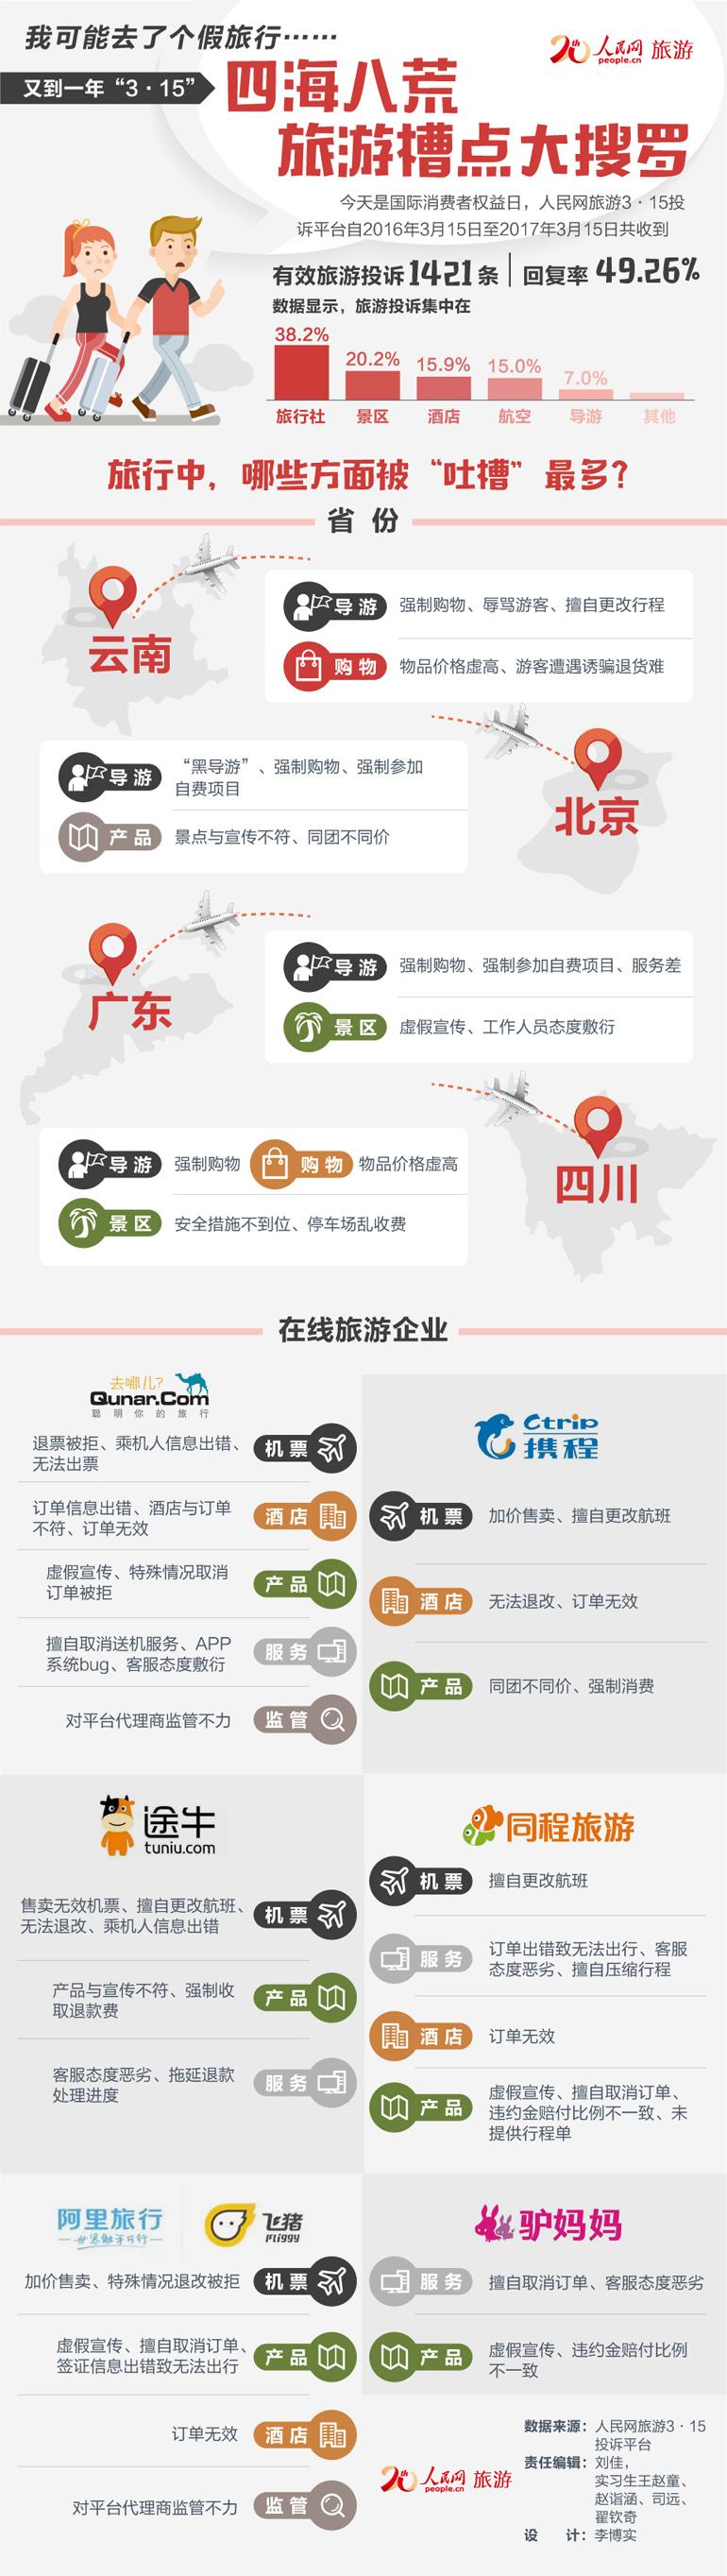 """第38期图解:又到一年""""3・15"""" 四海八荒旅游槽点大搜罗今天是国际消费者权益日,人民网旅游3・15投诉平台自2016年3月15日至2017年3月15日共收到有效旅游投诉1421条,回复率为49.26%。人民旅游小编带你看看在旅行中,哪些方面被""""吐槽""""的最多?"""